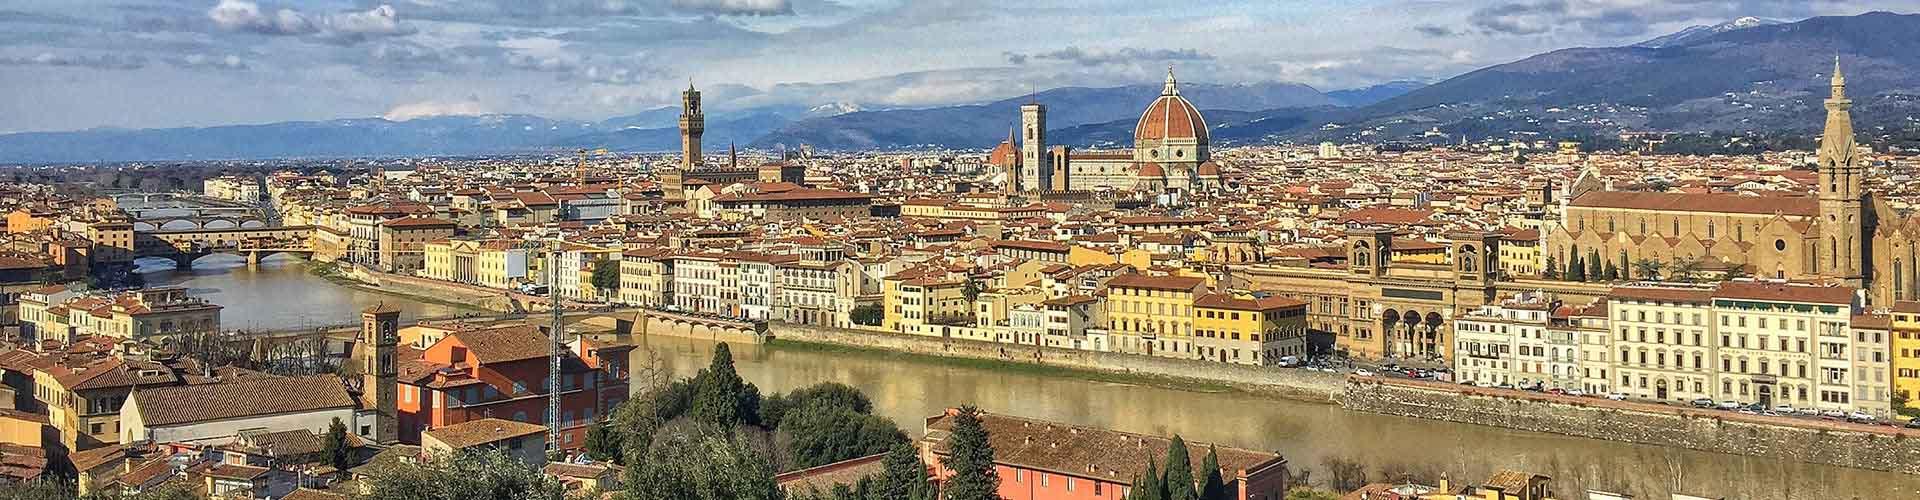 Florence - Appartements dans le quartier de Duomo - Oltrarno. Cartes pour Florence, photos et commentaires pour chaque appartement à Florence.